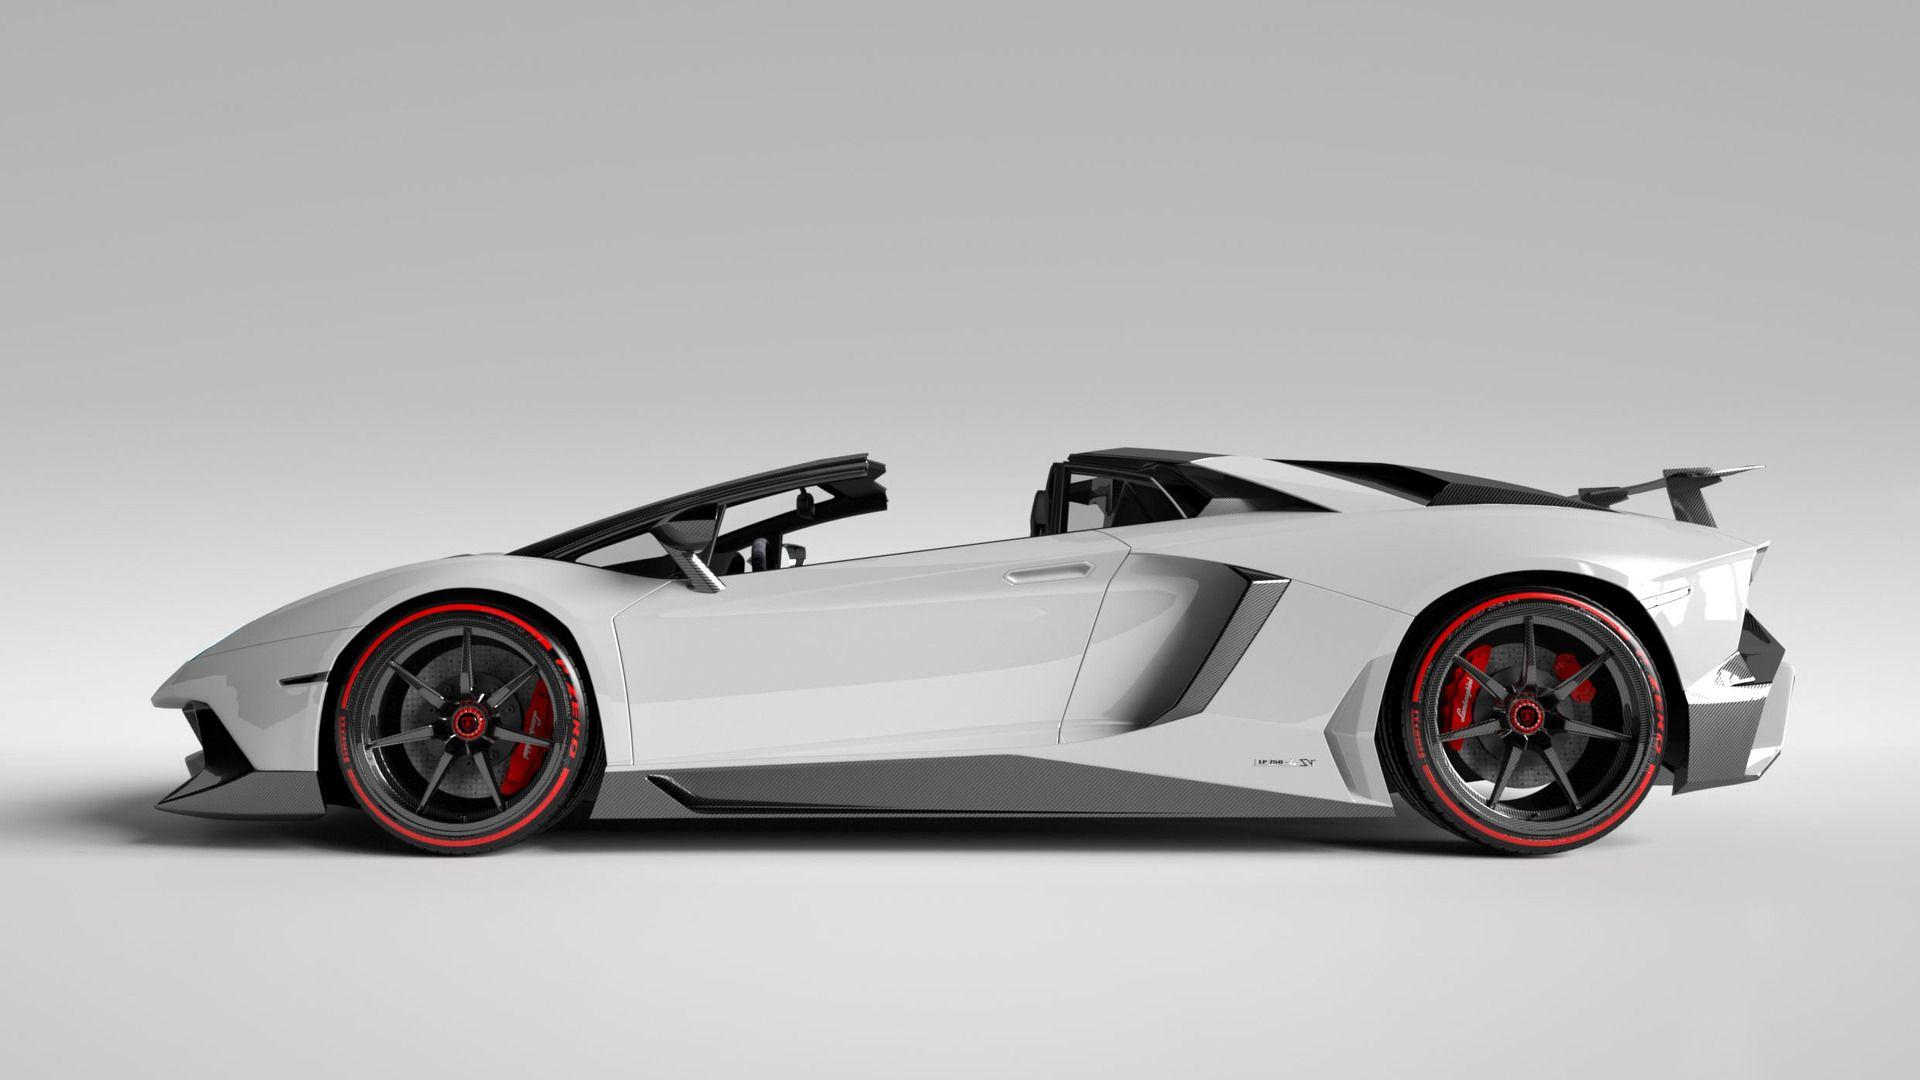 Epingle Par Olivier Salomon Sur Auto Lamborghini Carbone